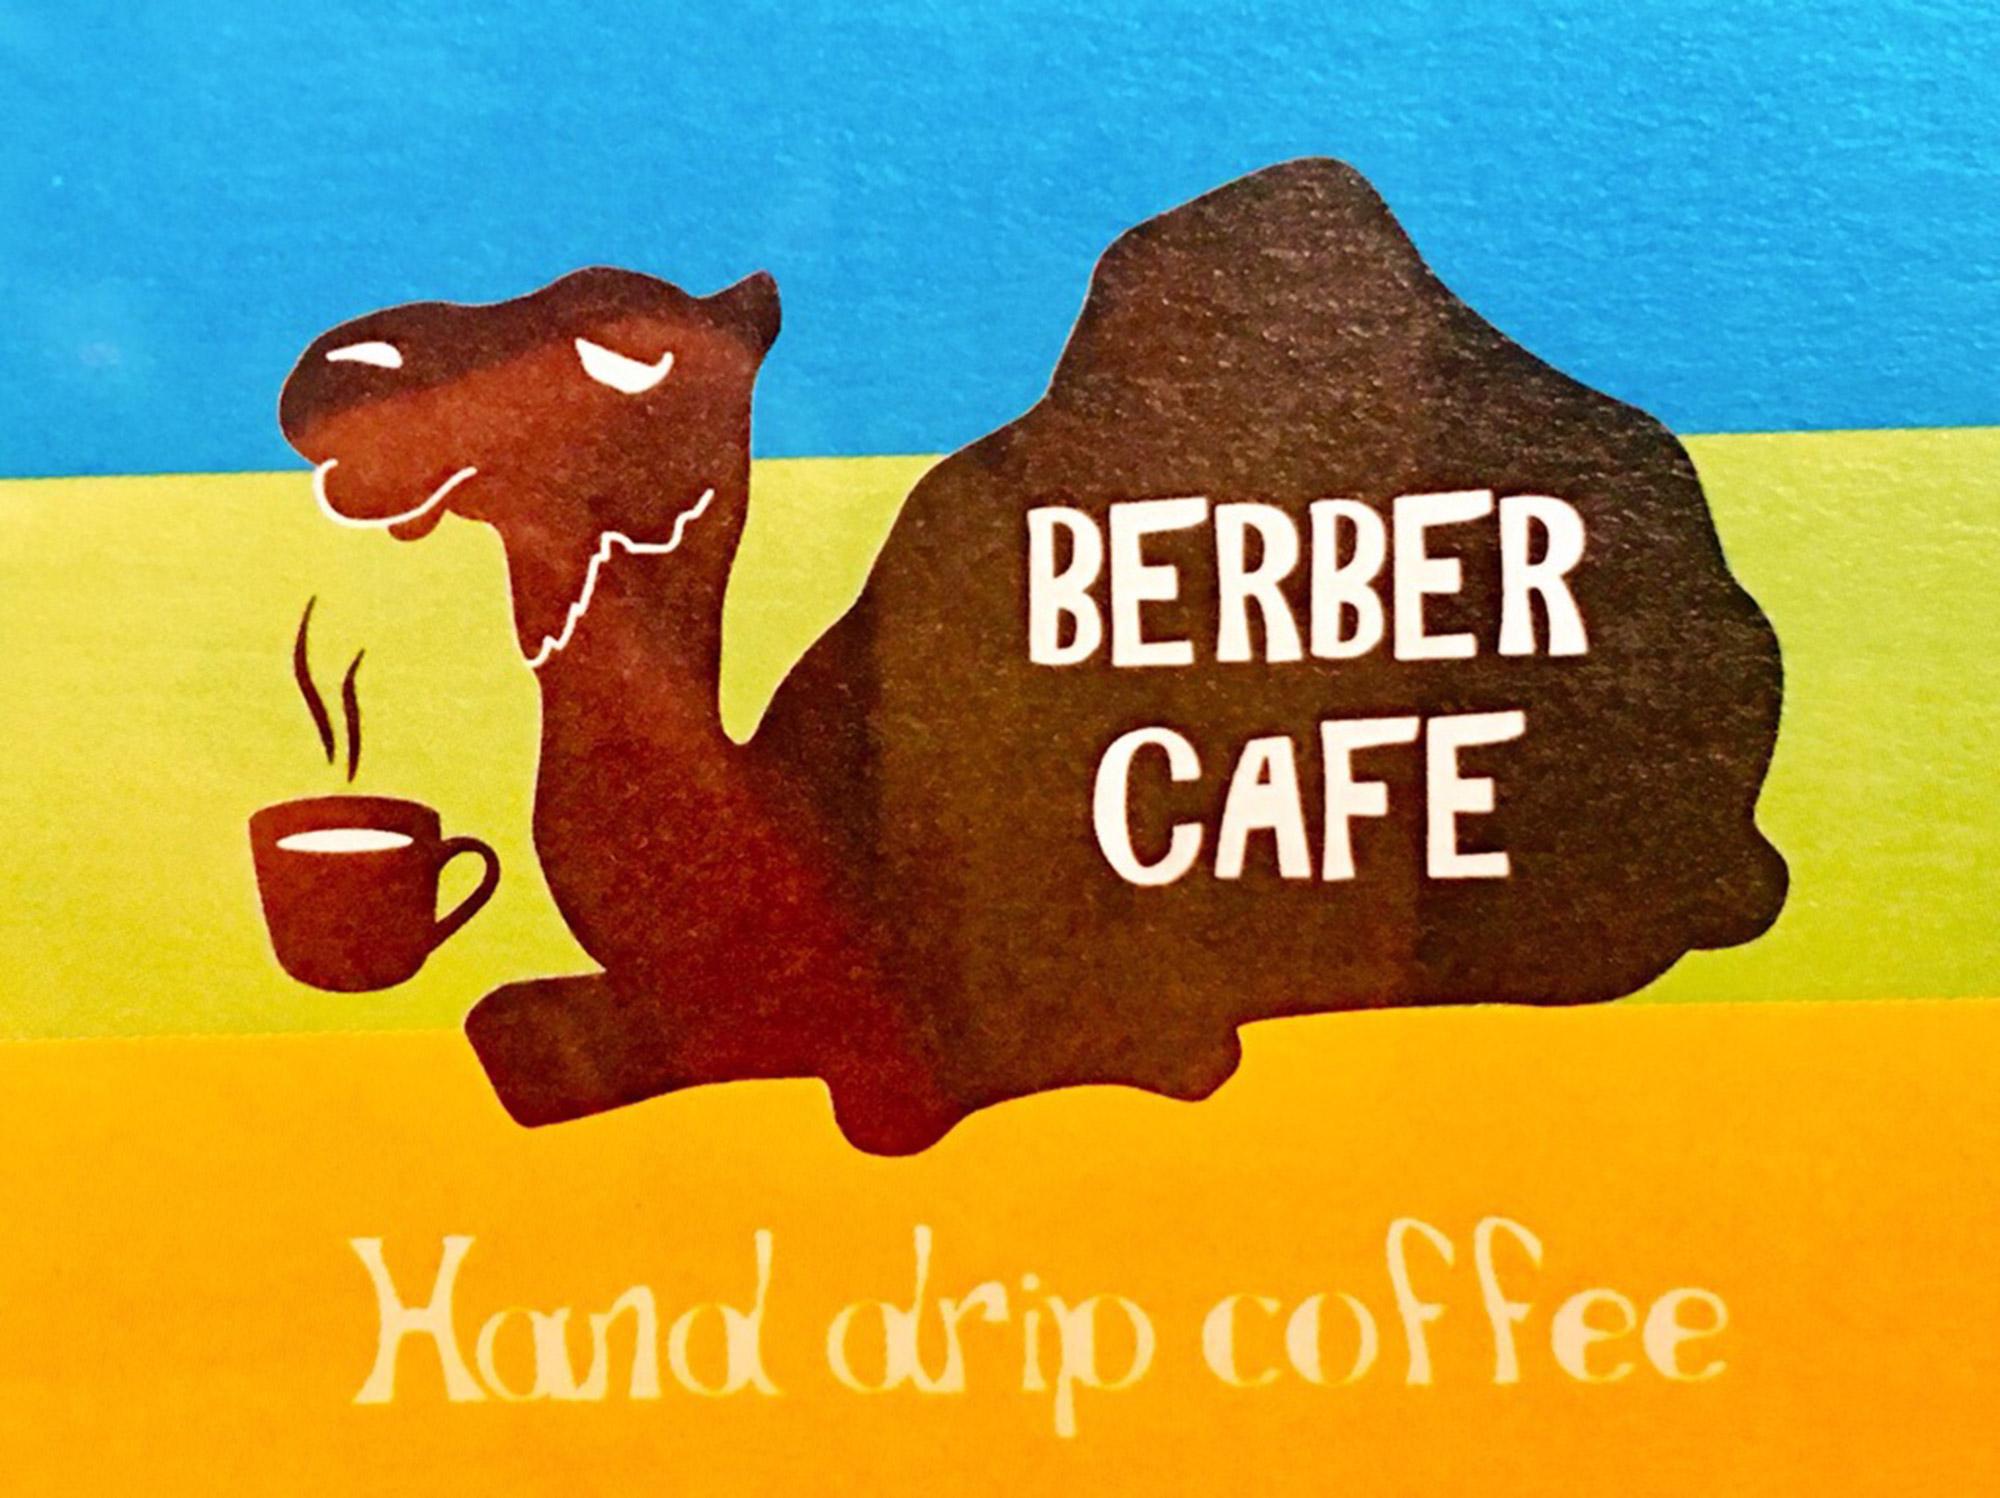 BERBER CAFE Signの写真